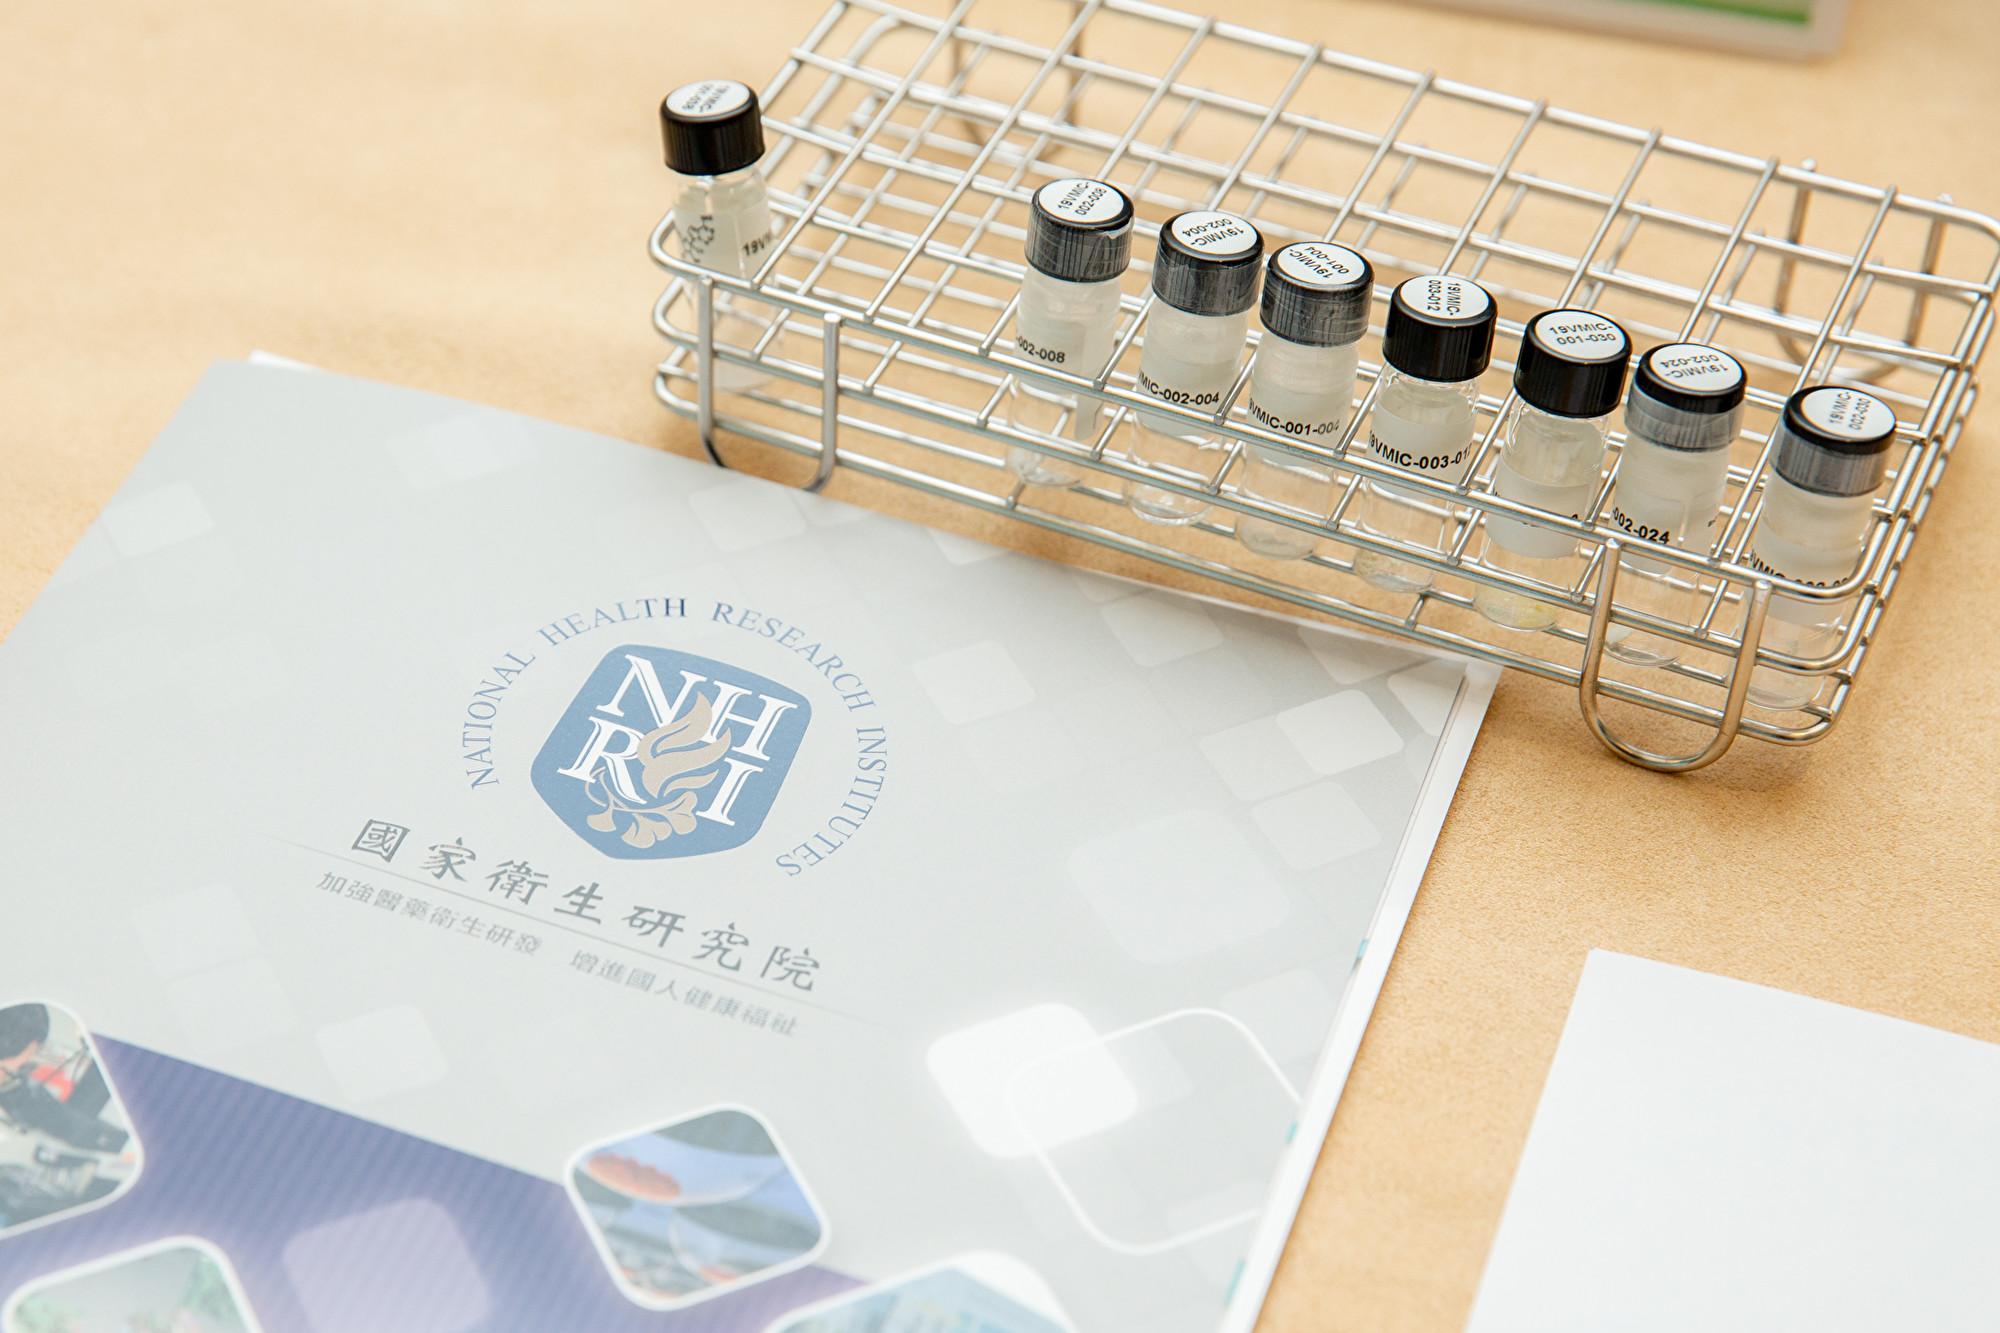 台一年內推出中共肺炎疫苗 已進入動物實驗